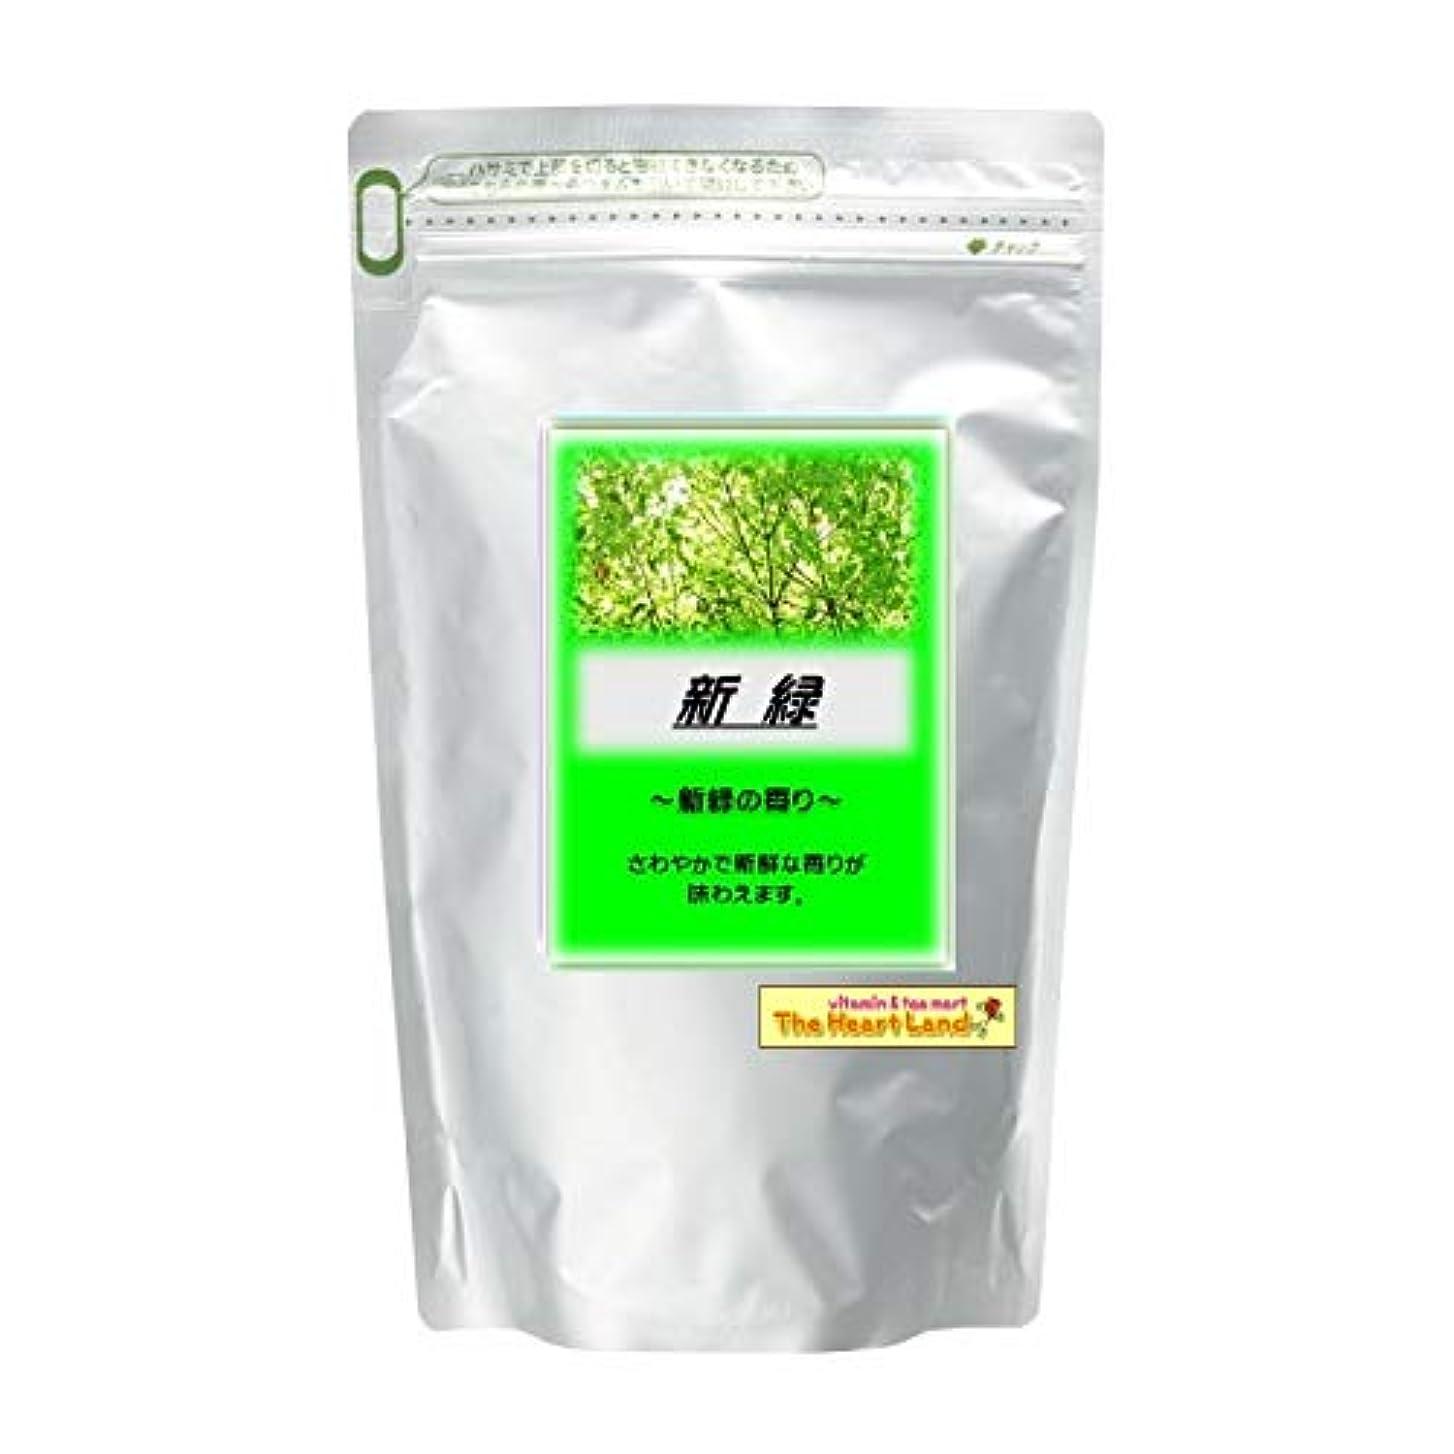 義務滅多インタラクションアサヒ入浴剤 浴用入浴化粧品 新緑 2.5kg